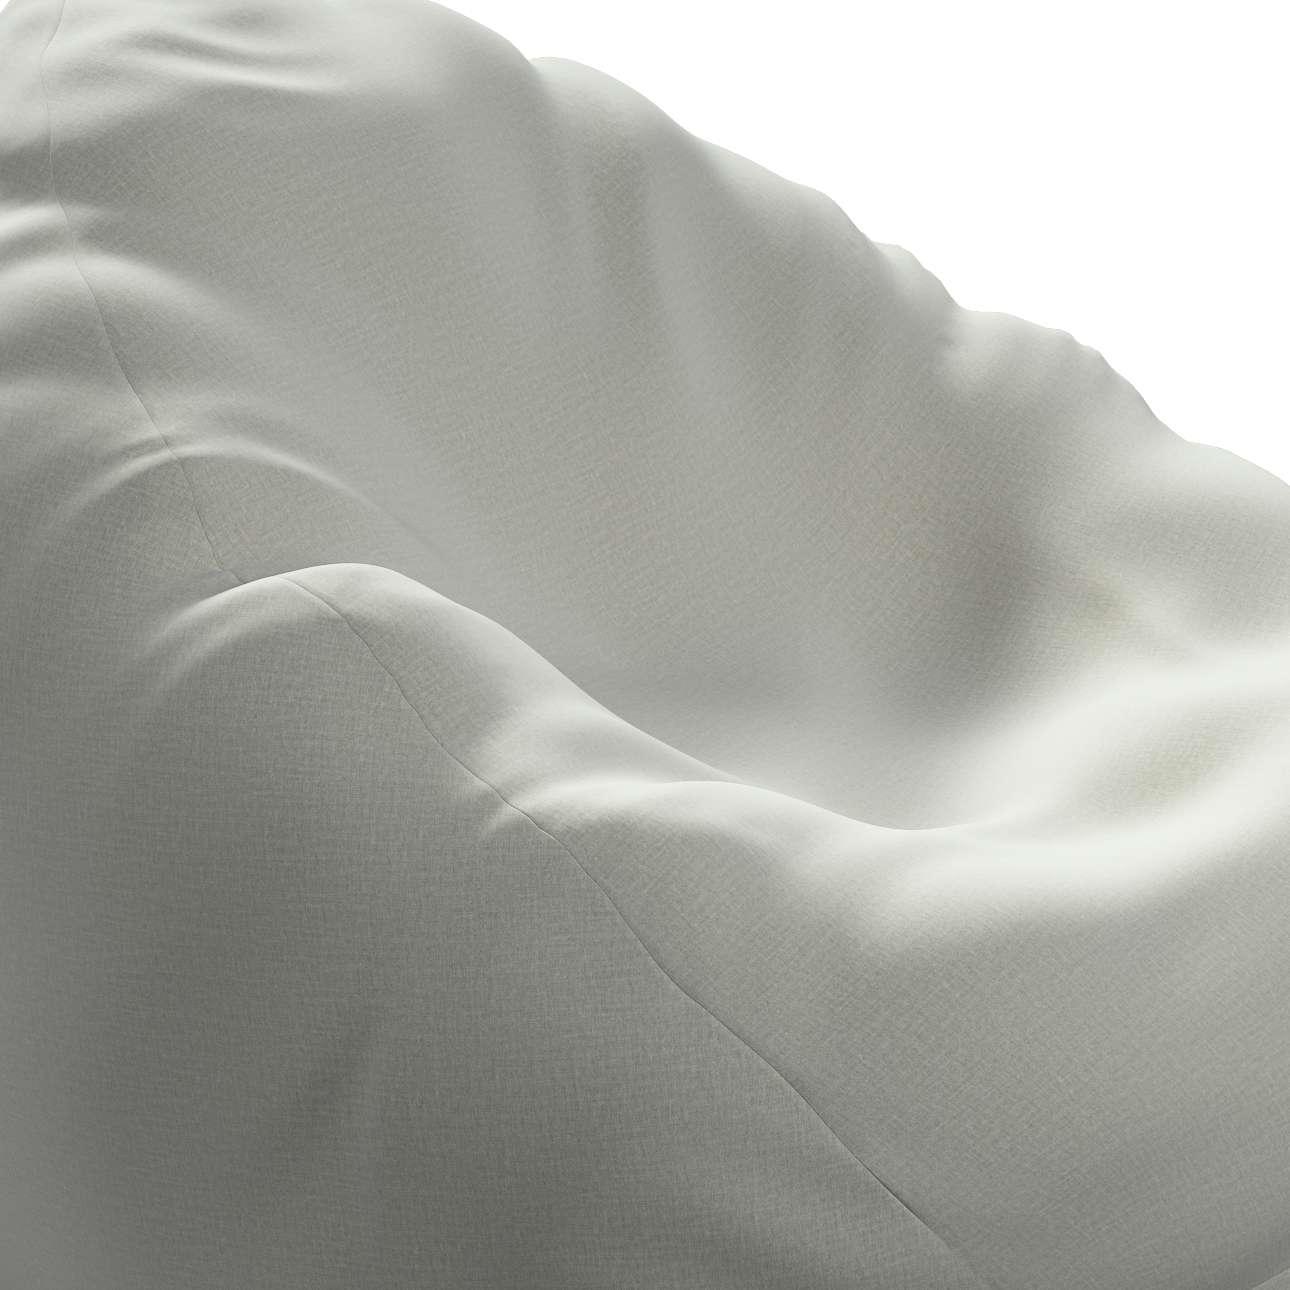 Pokrowiec na worek do siedzenia w kolekcji Ingrid, tkanina: 705-41